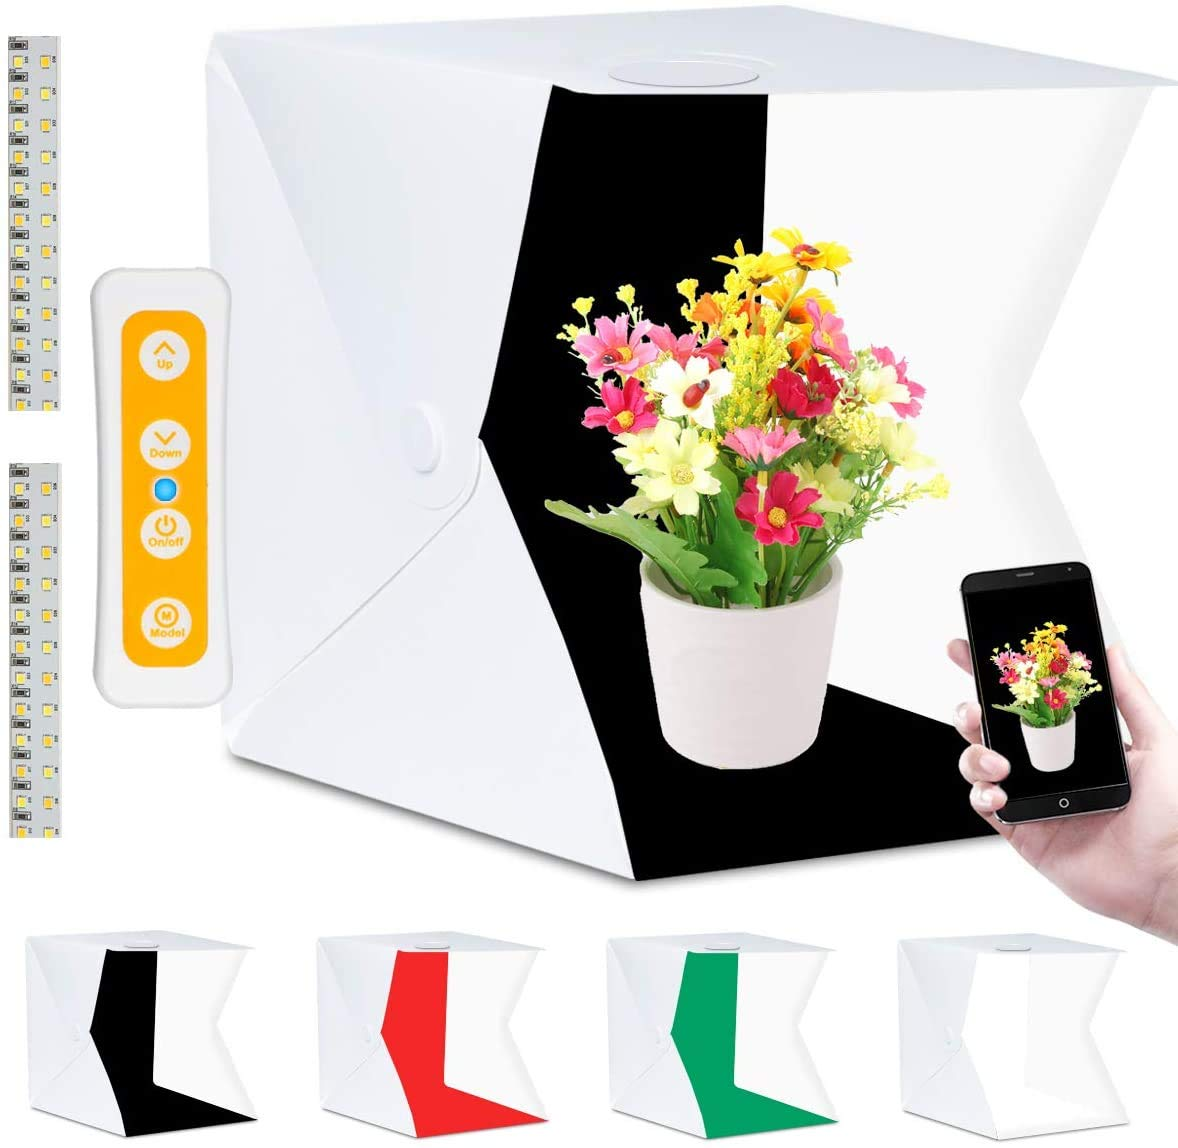 Caja de luz, estudio fotográfico 40 x 40 cm, con 3 Colores de Luz, 140 Ledes, Portátil Estudio fotografía, Plegable Light box, Cubo de Luz con 4 Fondo (Blanco/Negro/Rojo/Verde): Amazon.es: Electrónica